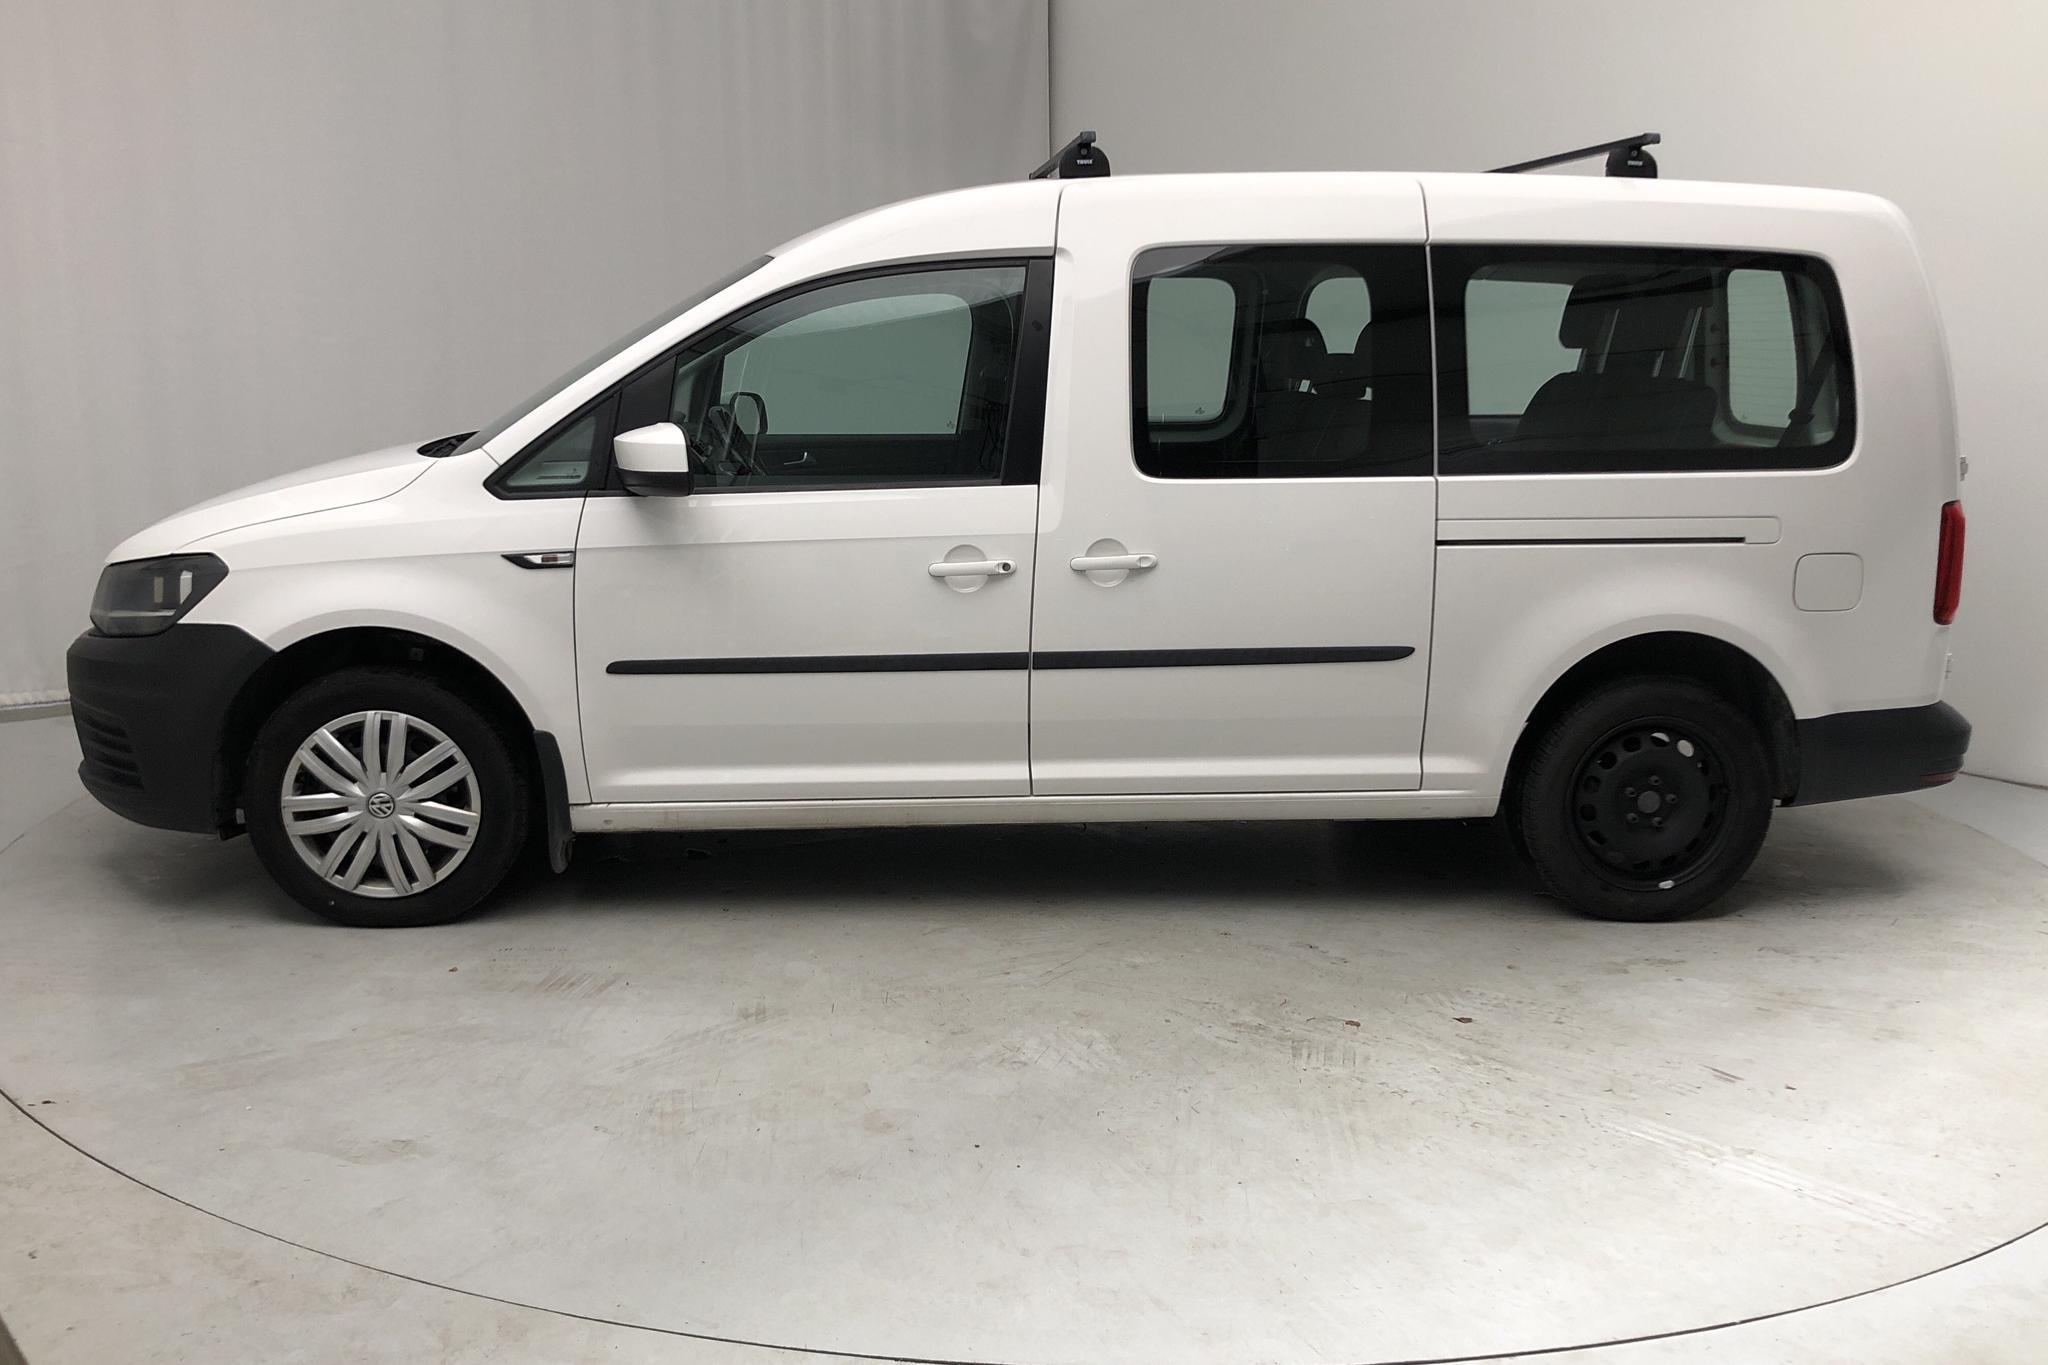 VW Caddy MPV Maxi 2.0 TDI (102hk) - 0 mil - Manuell - vit - 2016